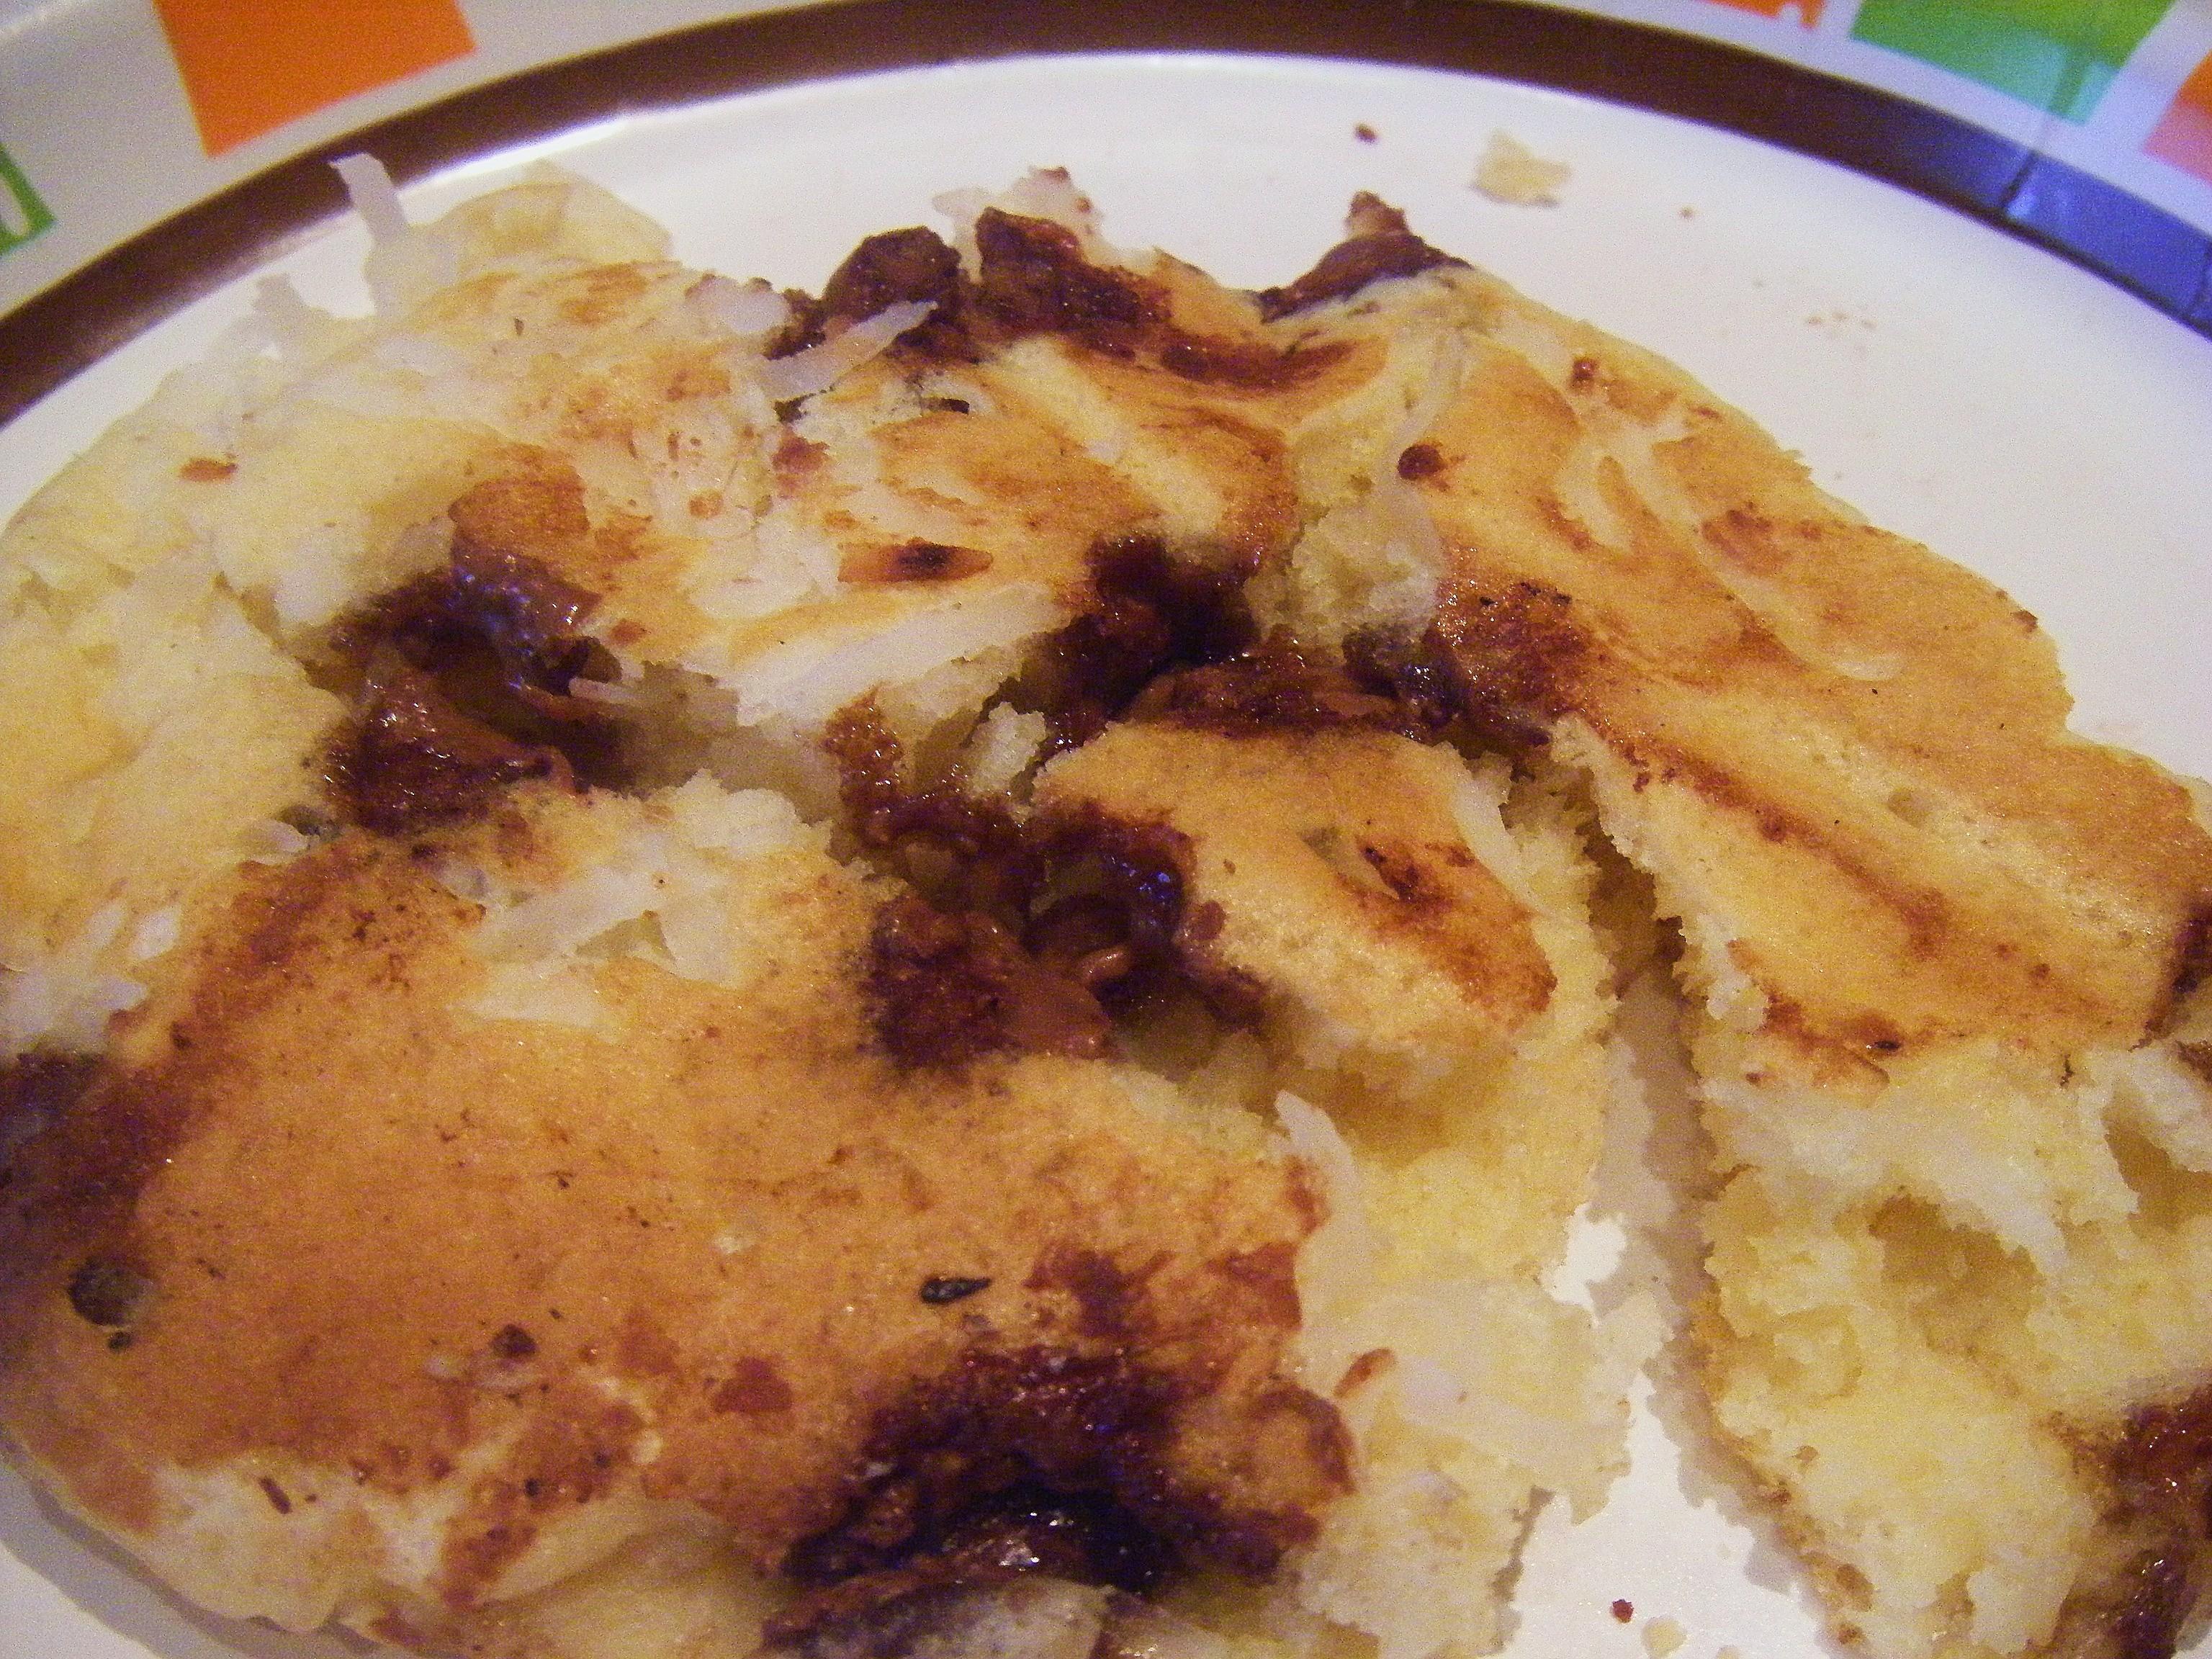 Samoan Pancakes